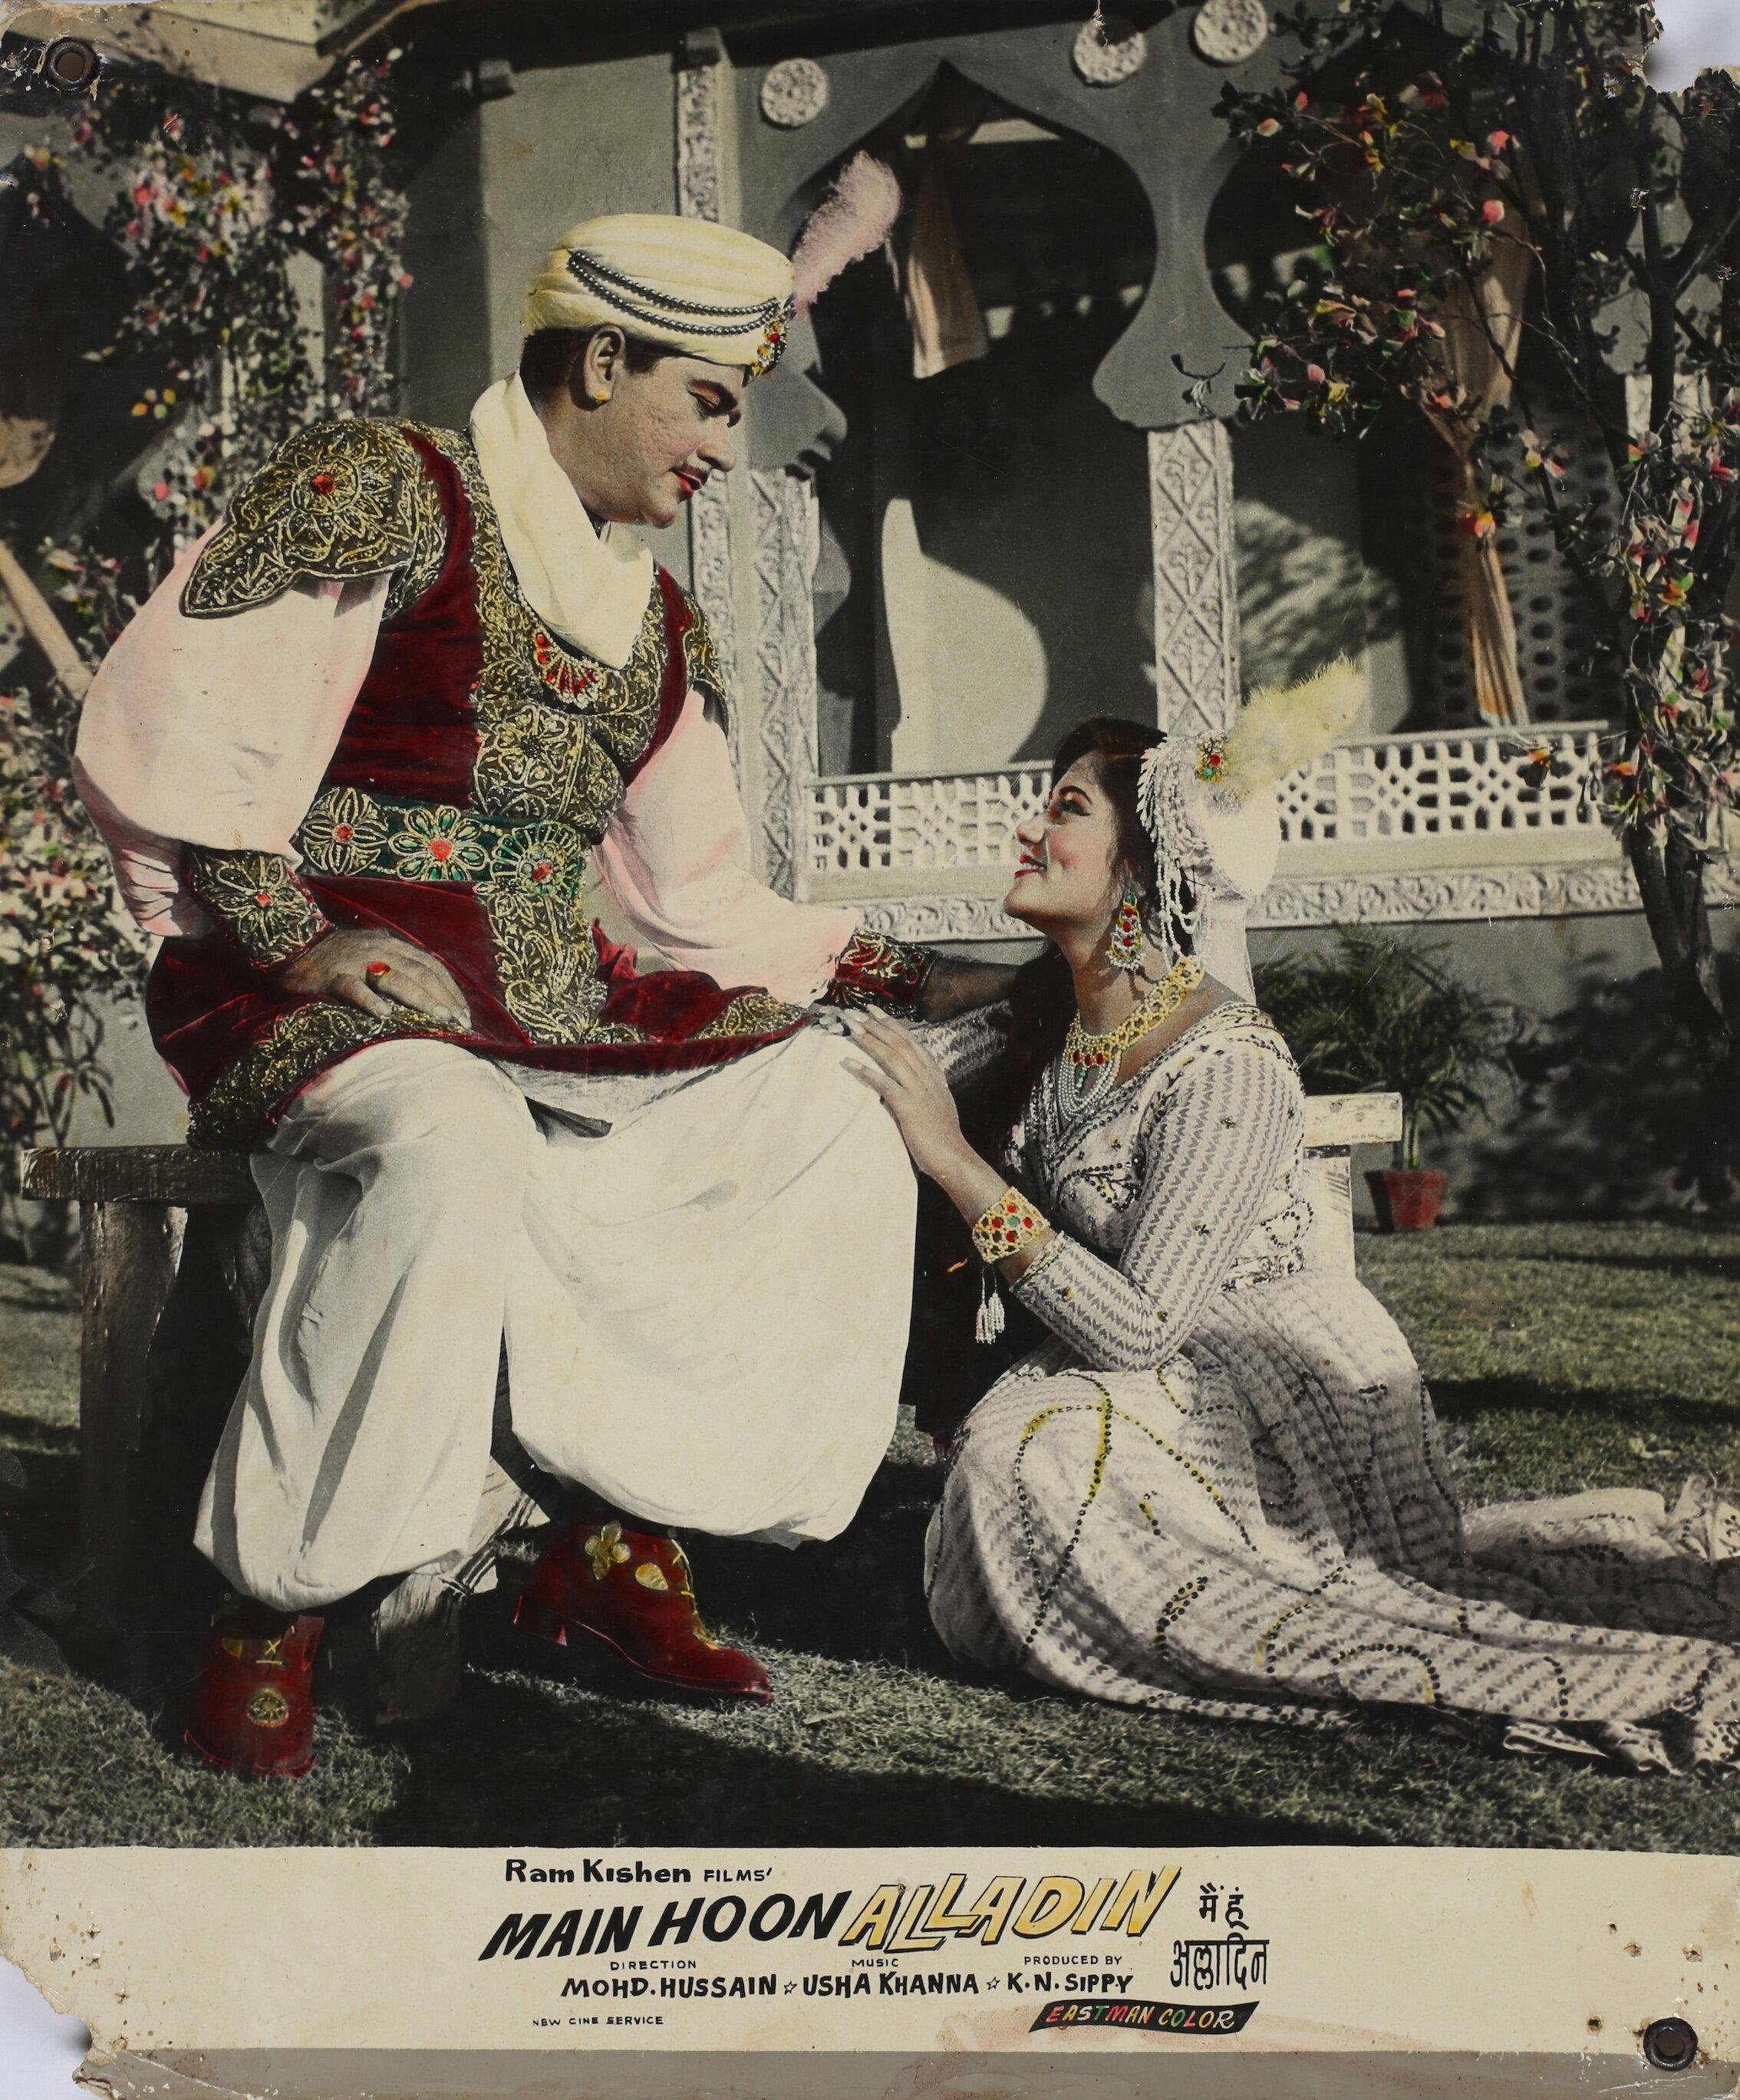 《曼·勋·阿拉丁》(1965年),拉姆·基申作品,穆罕默德·侯赛因导演,K.N.塞佩出品,原装剧照,297 x 246 毫米,由阿哈勃·阿兰安那收藏提供。